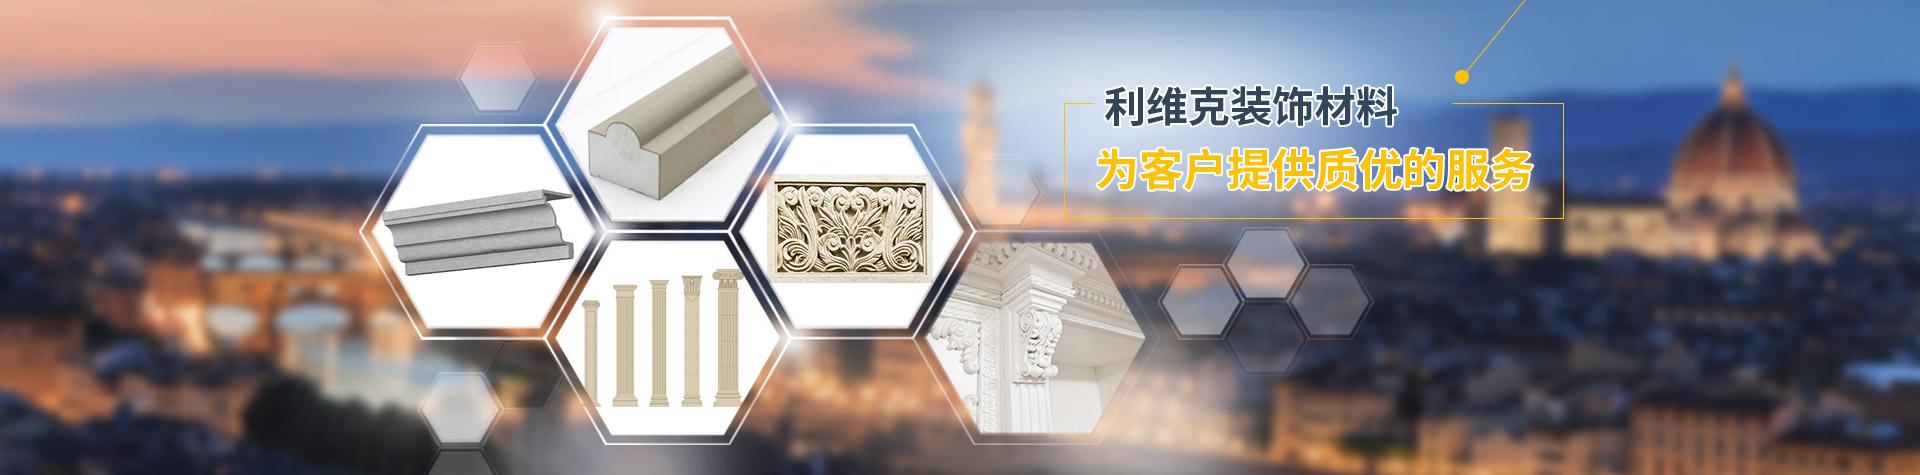 上海GRC门头定制 欢迎咨询 苏州利维克装饰材料供应